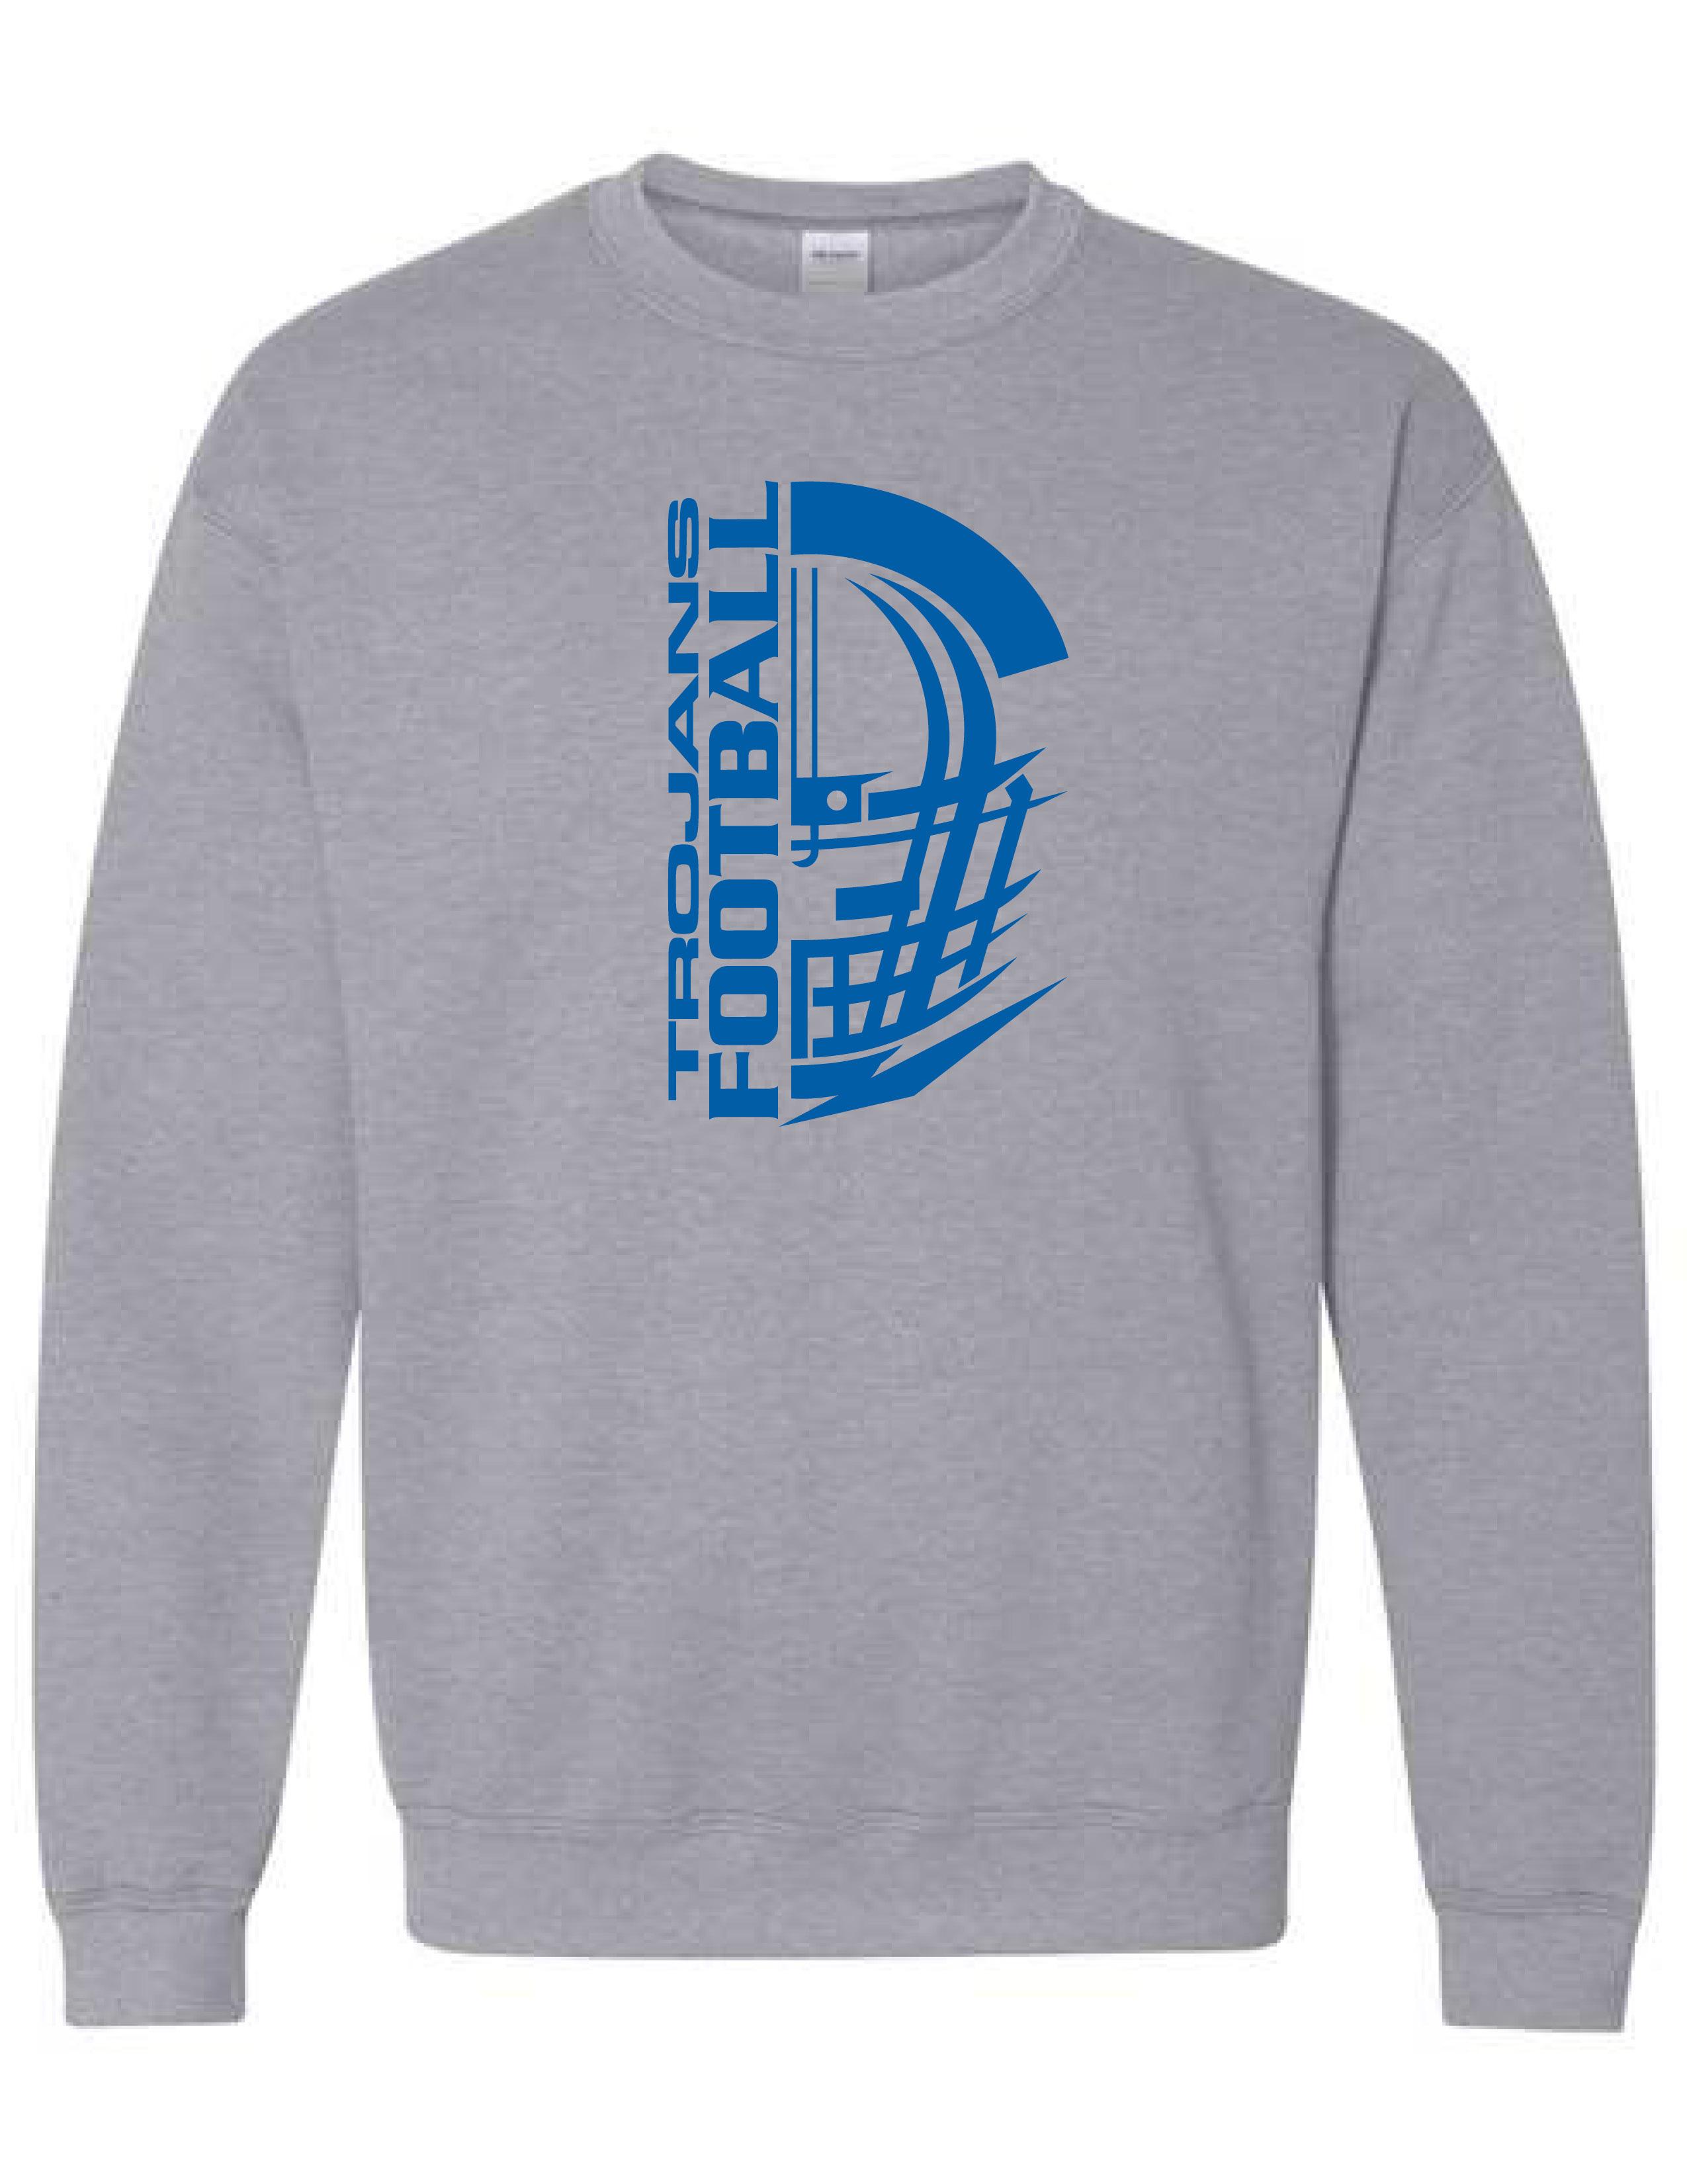 Crew Neck Sweatshirt  (HELMET) (Youth sizes available)